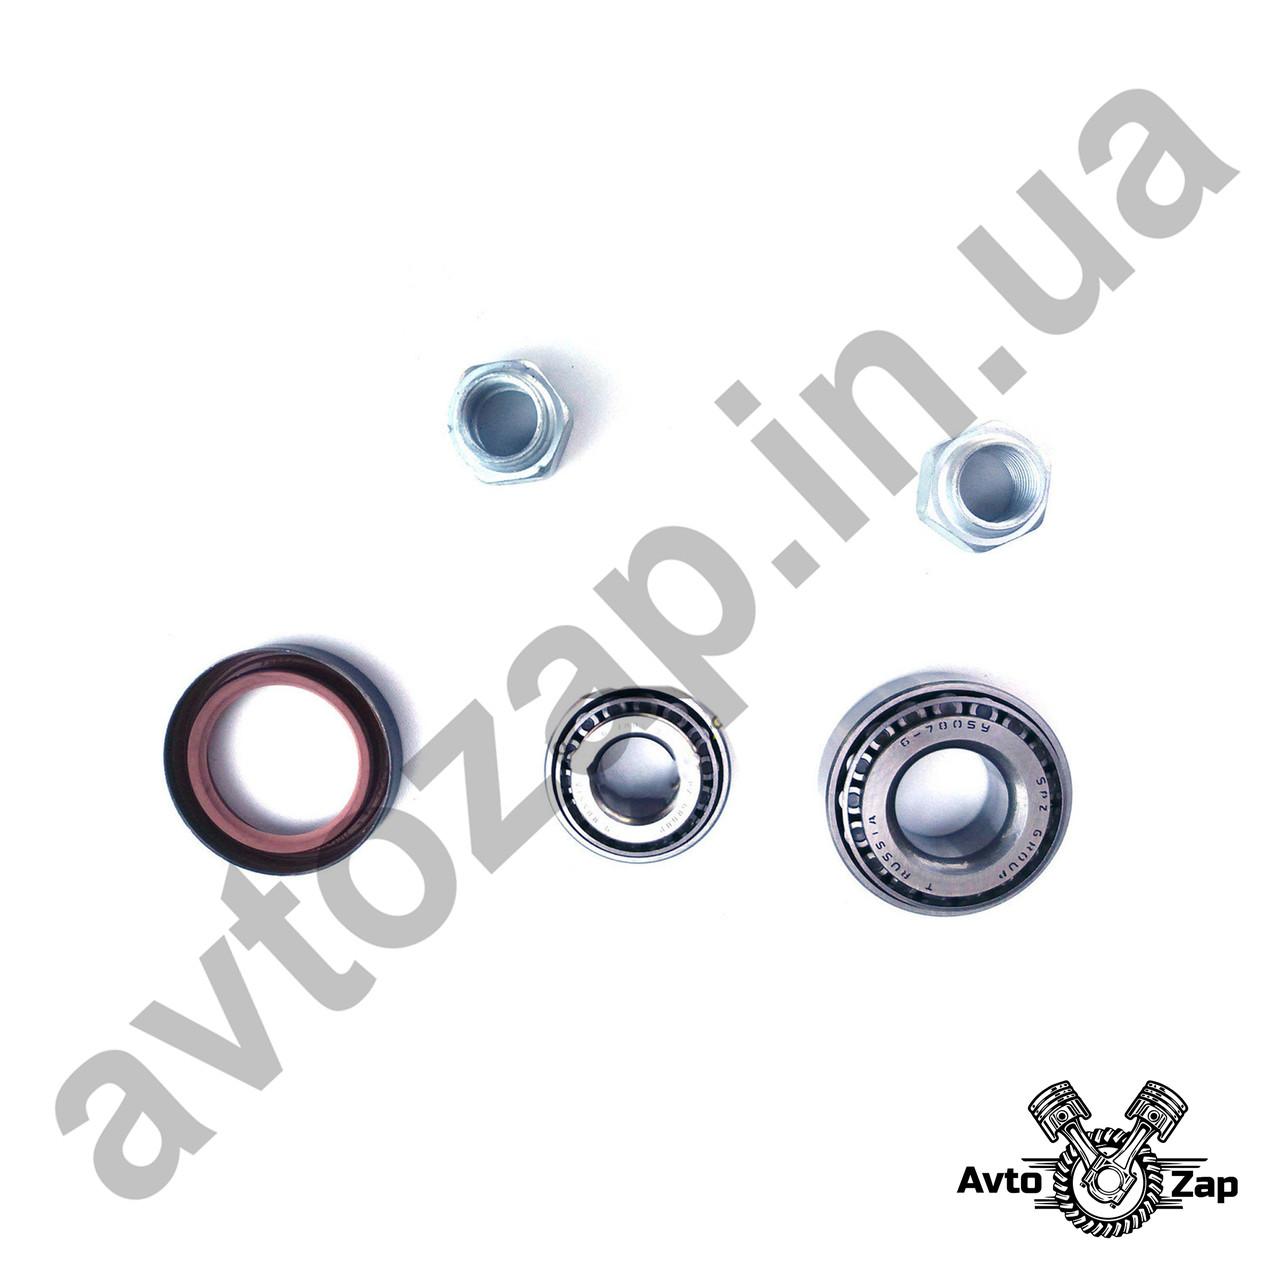 Ремкомплект ступицы  ВАЗ 2101-07  (7804,7805,сальник,гайка прав.)   44389